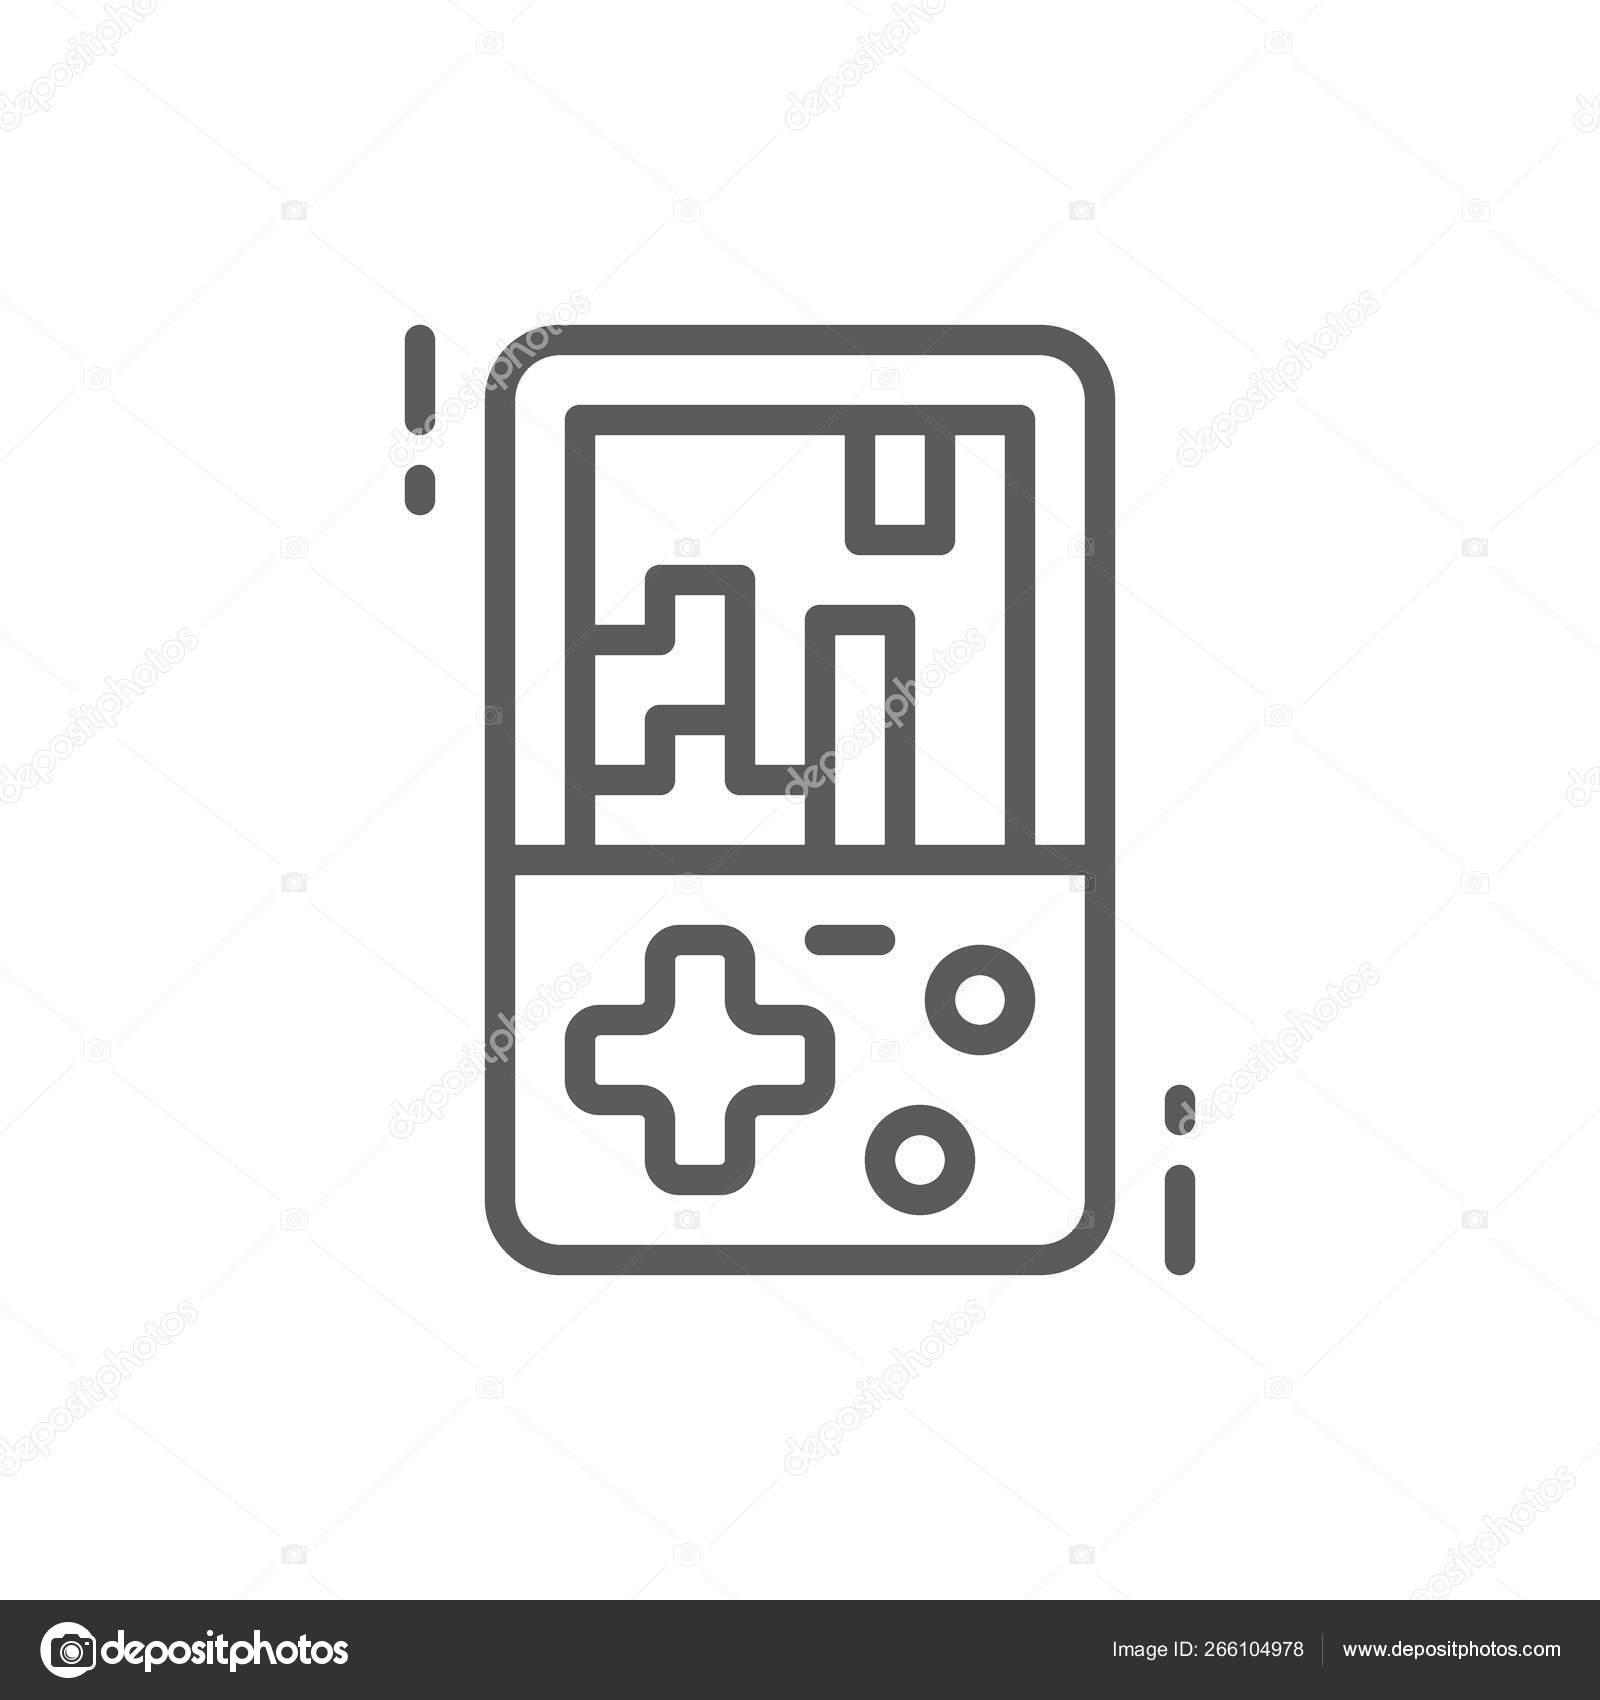 Tetris Electronic Brick Game Line Icon Stock Vector C Studicon 266104978